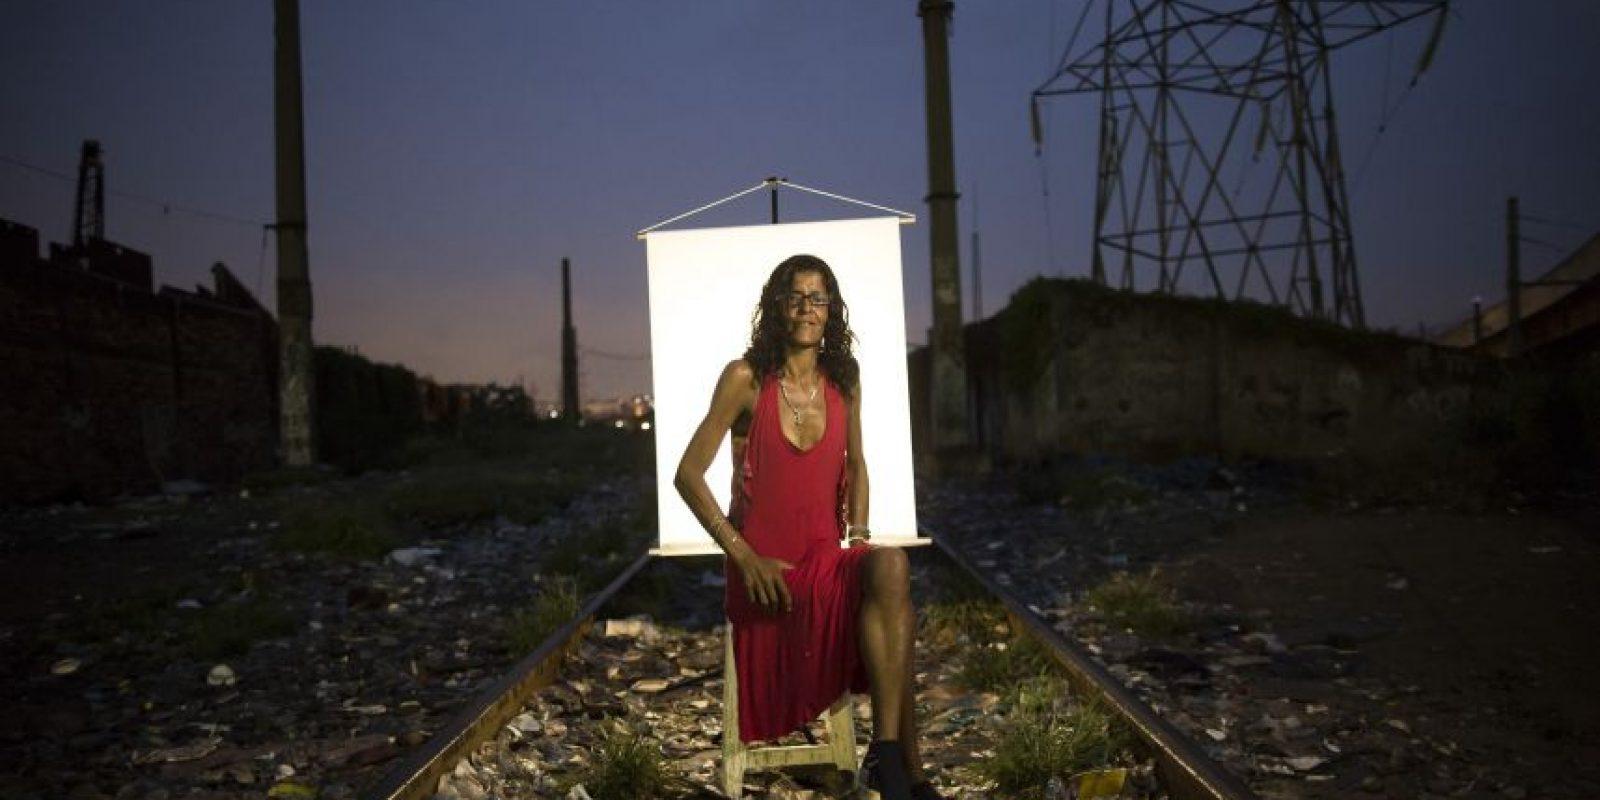 """En esta imagen, tomada el 17 de marzo de 2015, Daniela Pinto, de 39 años, posa para una fotografía en un punto de venta de crack al aire libre, conocido como """"cracolandia"""", donde los clientes pueden comprar la droga y fumarla a plena vista, de día o de noche, y que además es el lugar donde vive desde hace cuatro meses, en Río de Janeiro, Brasil. Foto:AP/ Felipe Dana"""